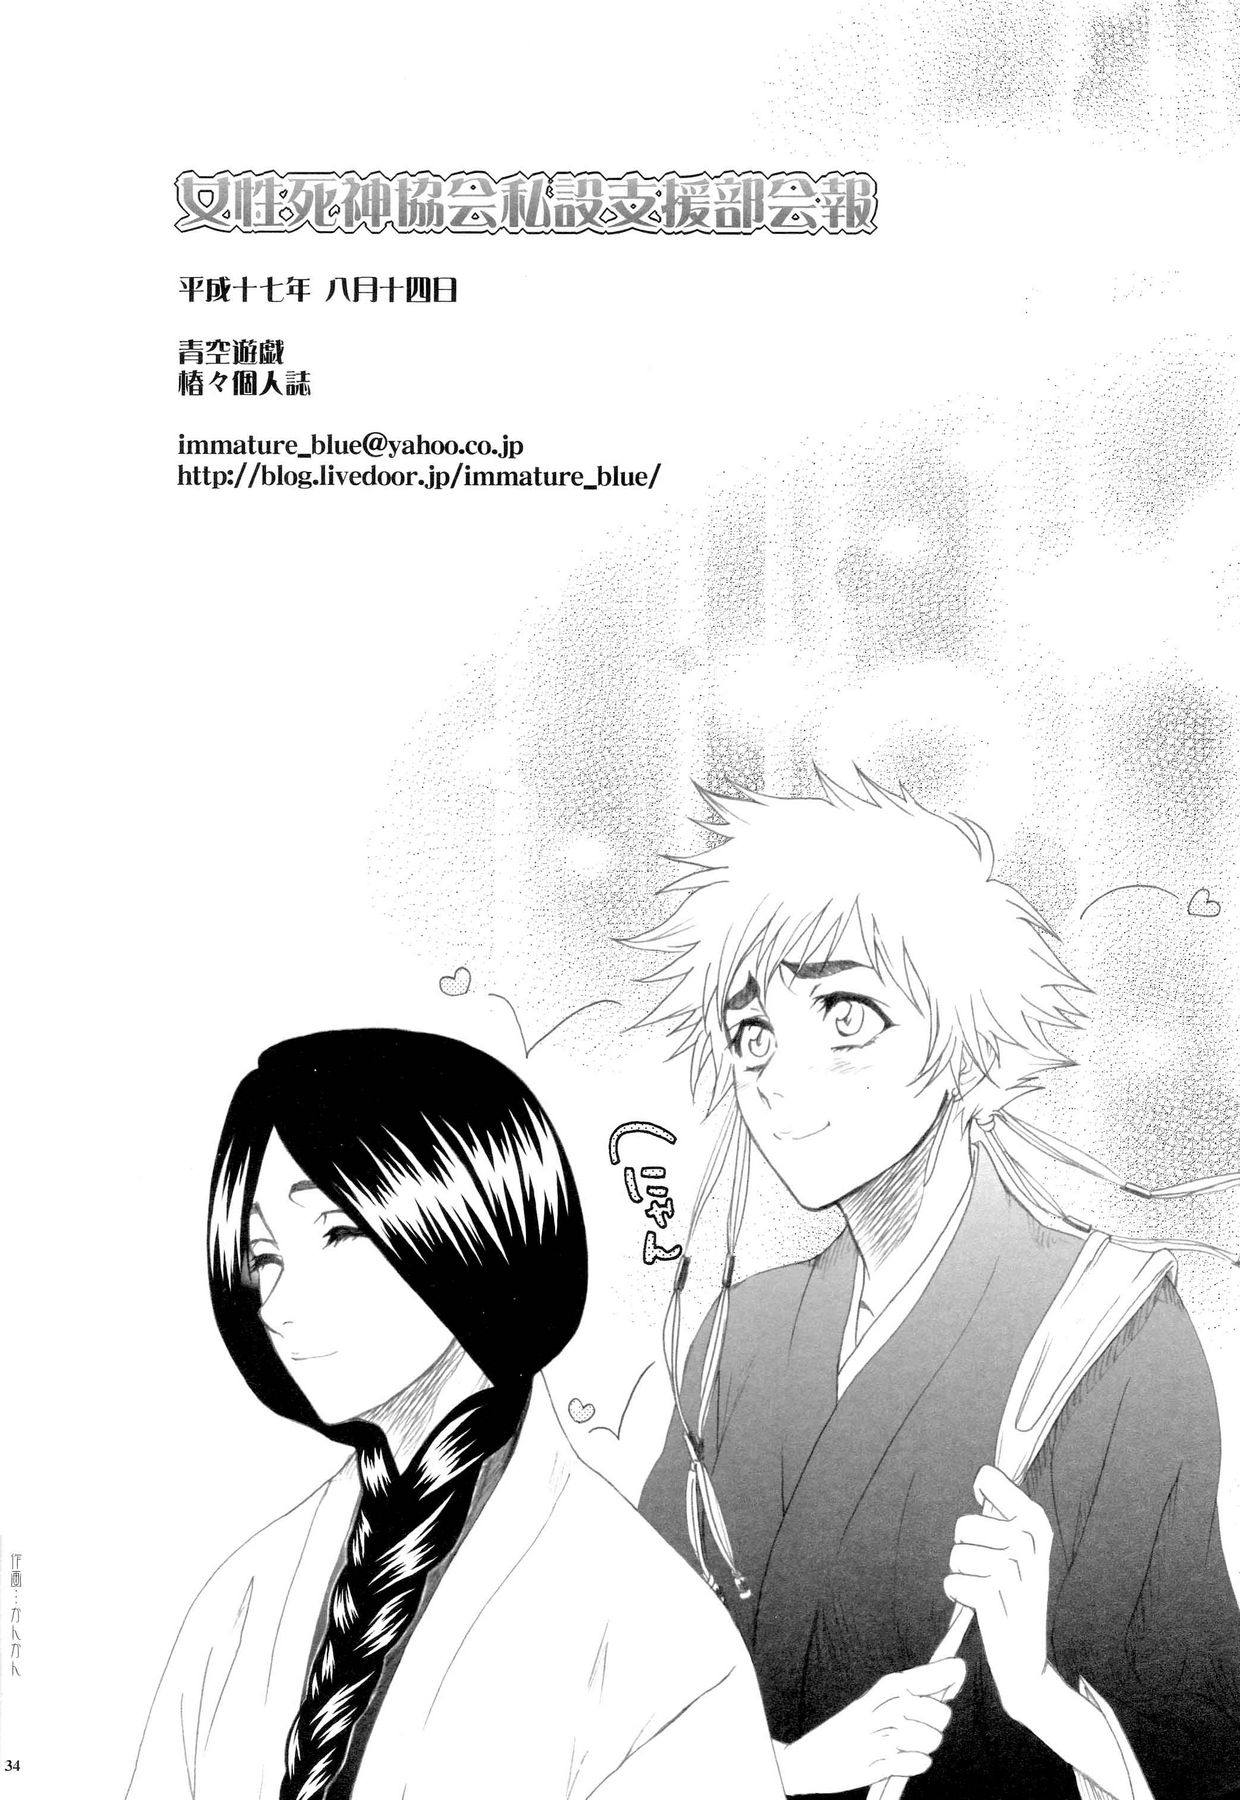 DoujinReader.com [Shinigami Ladies]-33